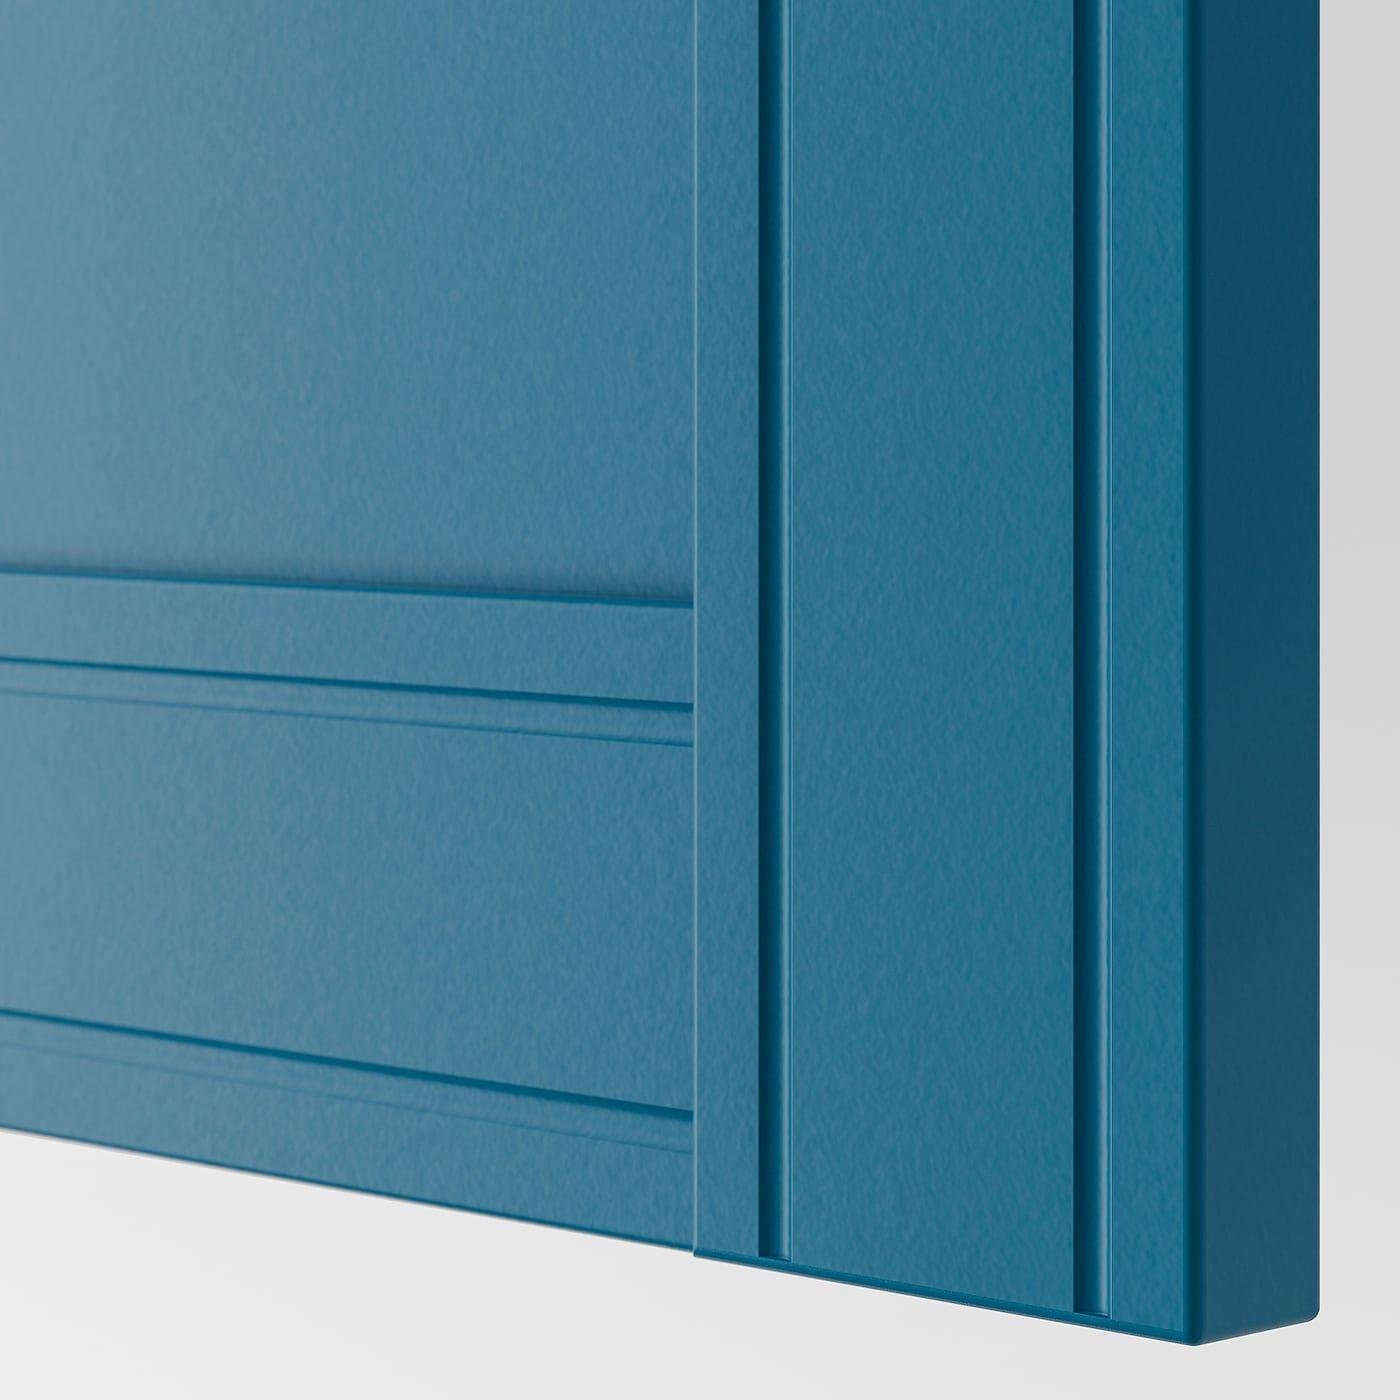 IKEA FLISBERGET door with hinge – blue